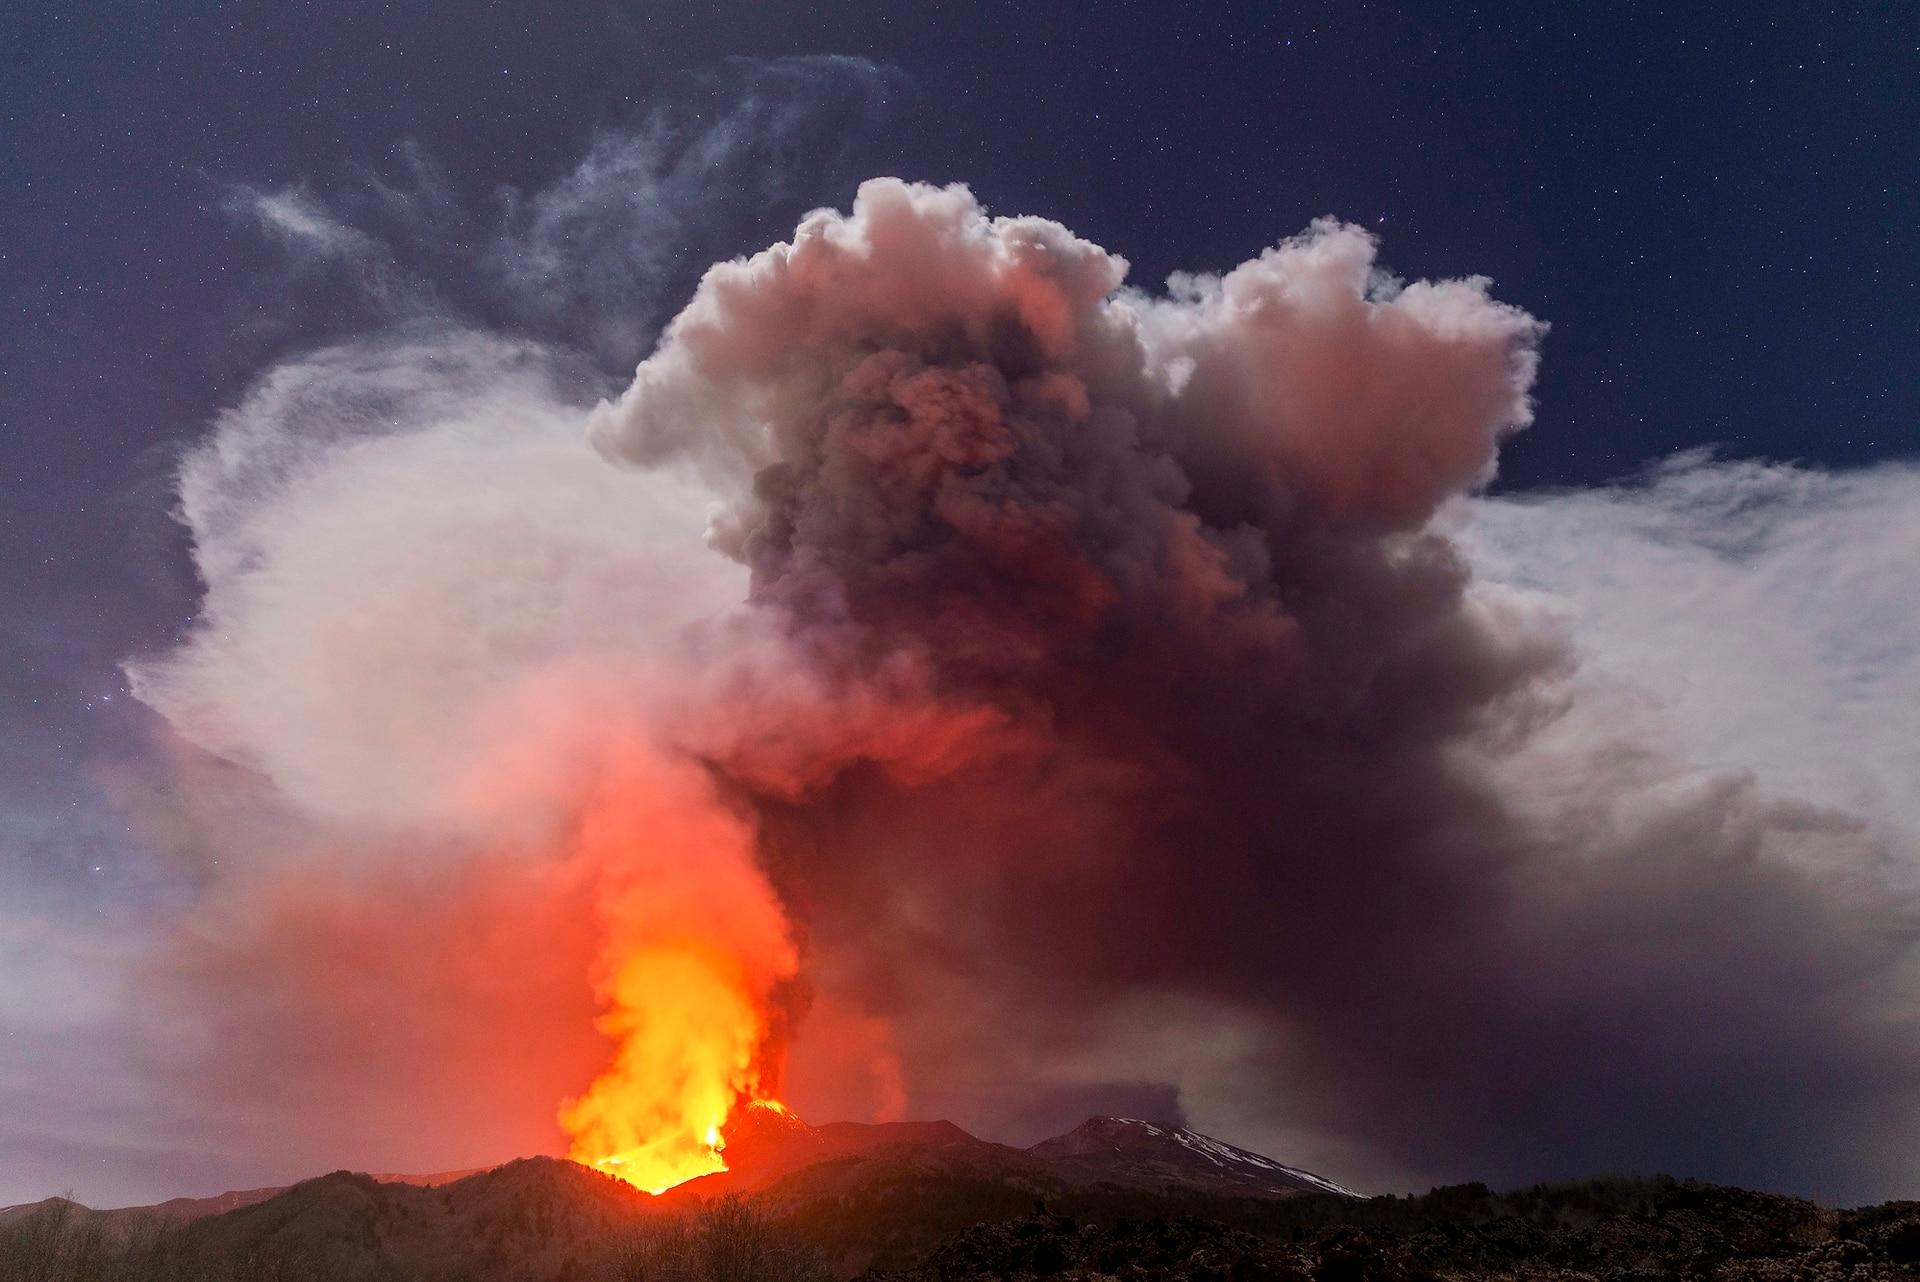 El volcán ilumina el cielo lanzando lava, humo y cenizas que alcanzan los 500 metros de altura